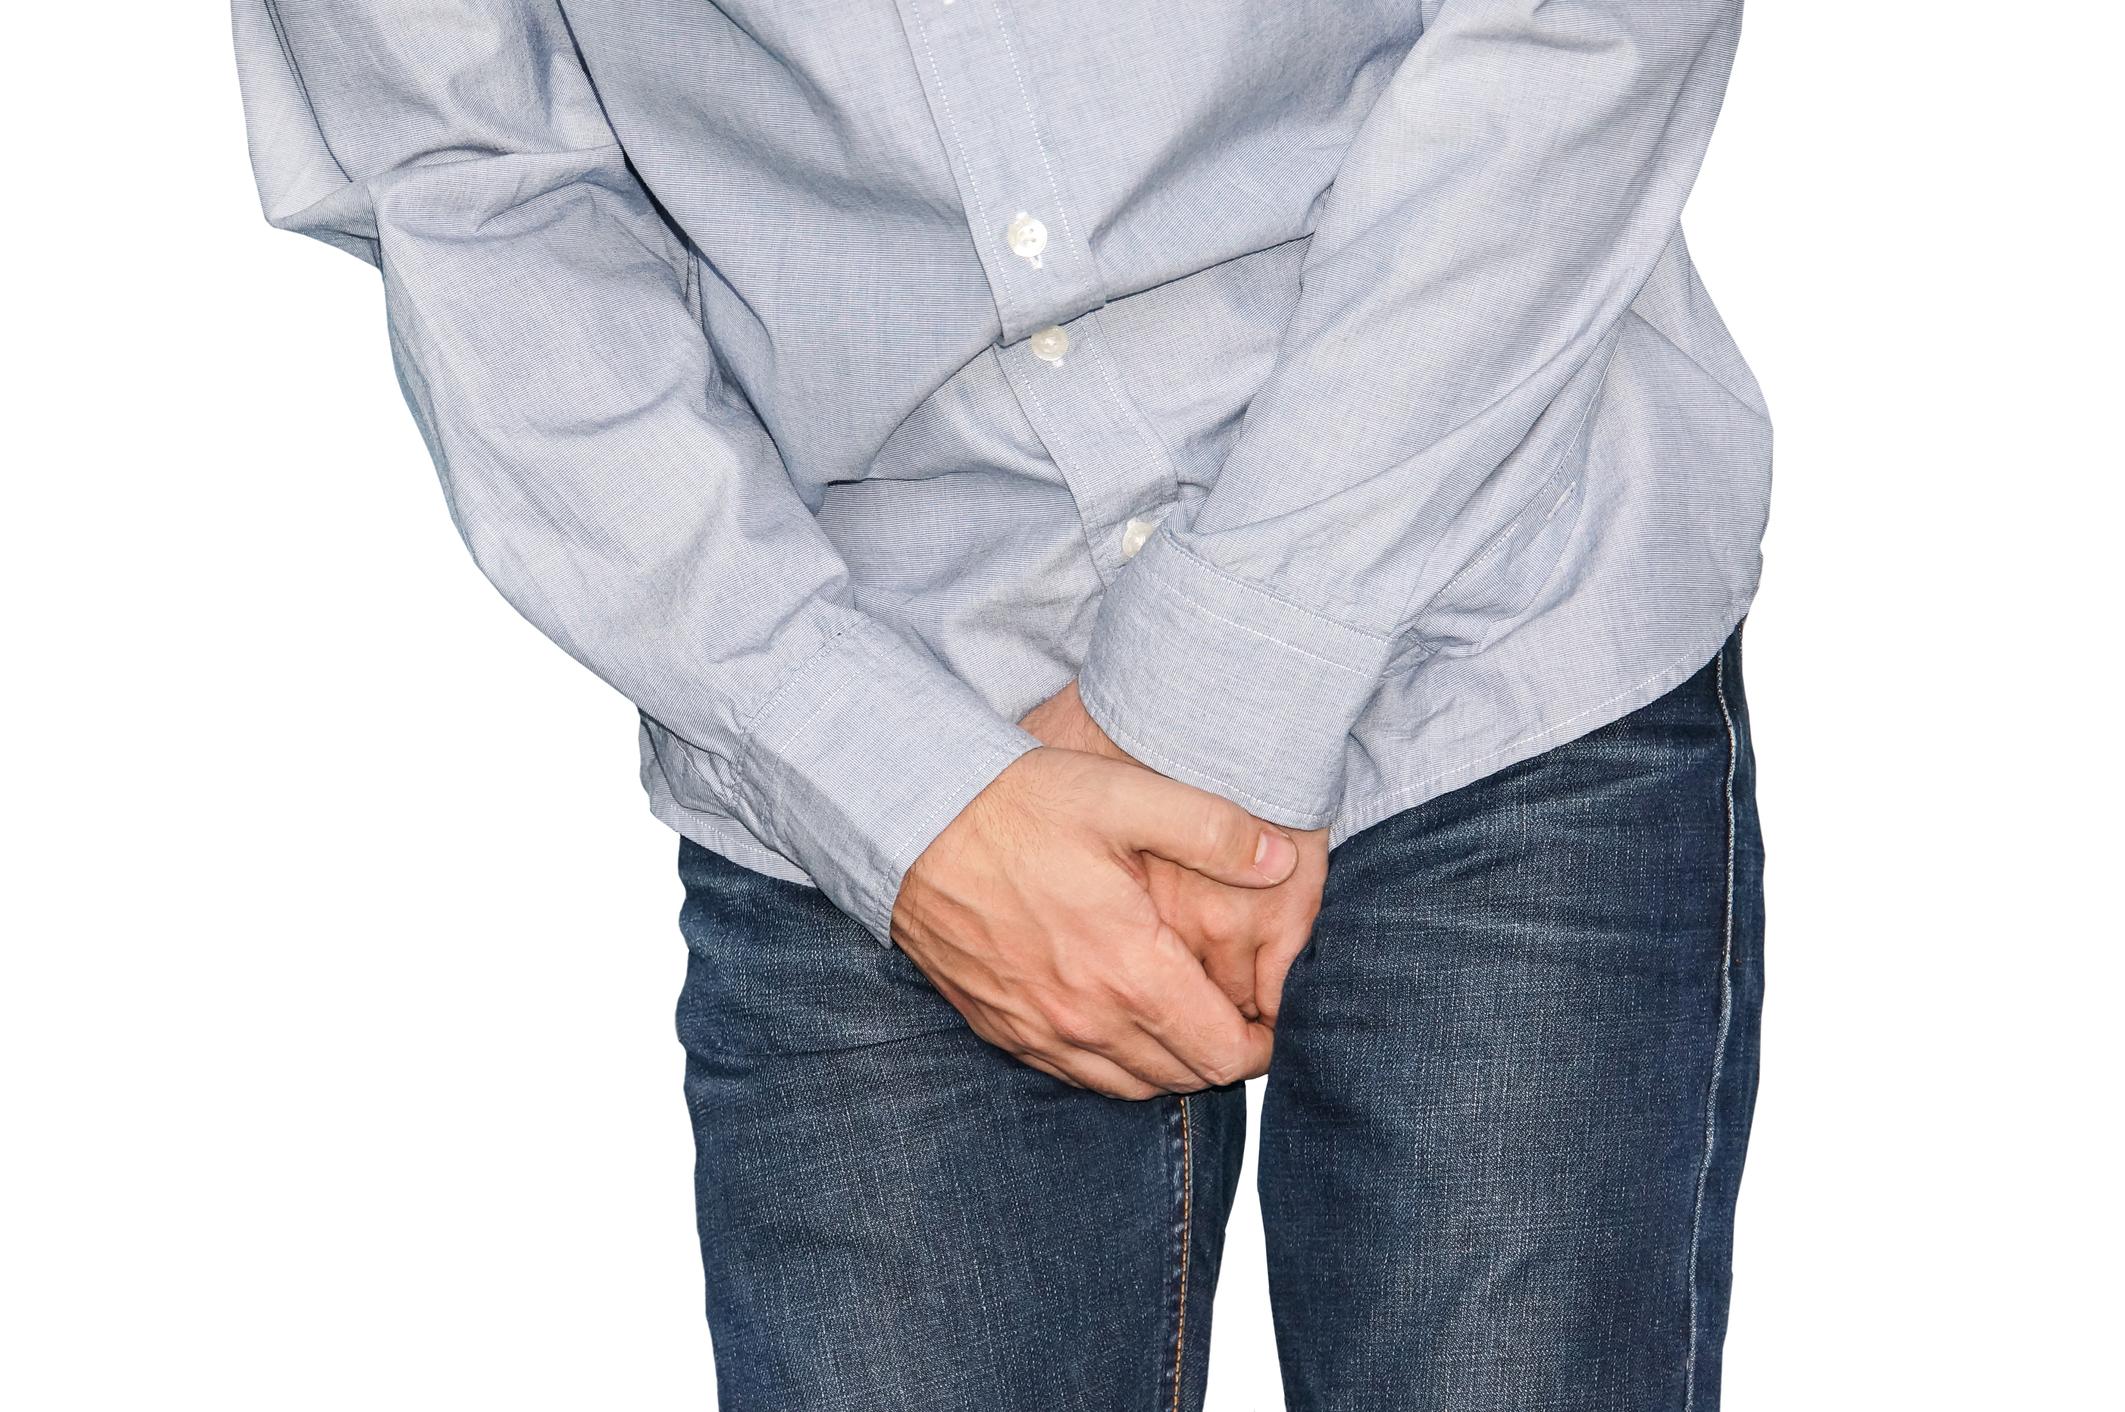 hogyan lehet erősíteni az erekciót 57 évesen